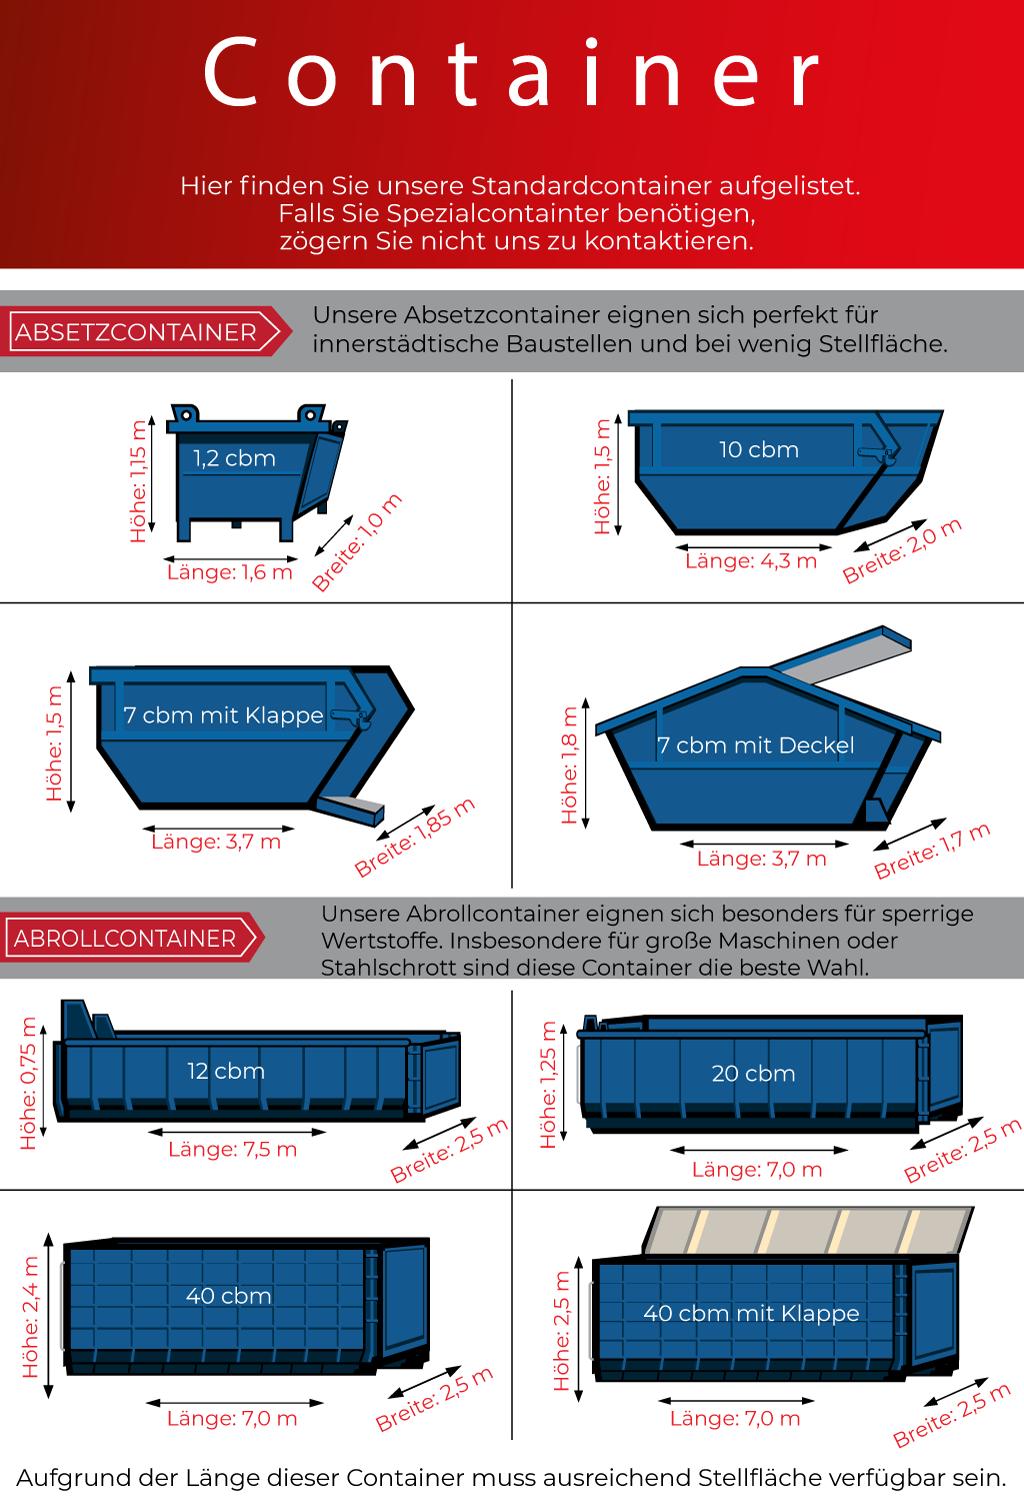 Hier sind alle Containertypen zu erkennen, die die Firma Sandkuhle anbietet. Für Spezialcontainer kontaktieren Sie uns bitte.